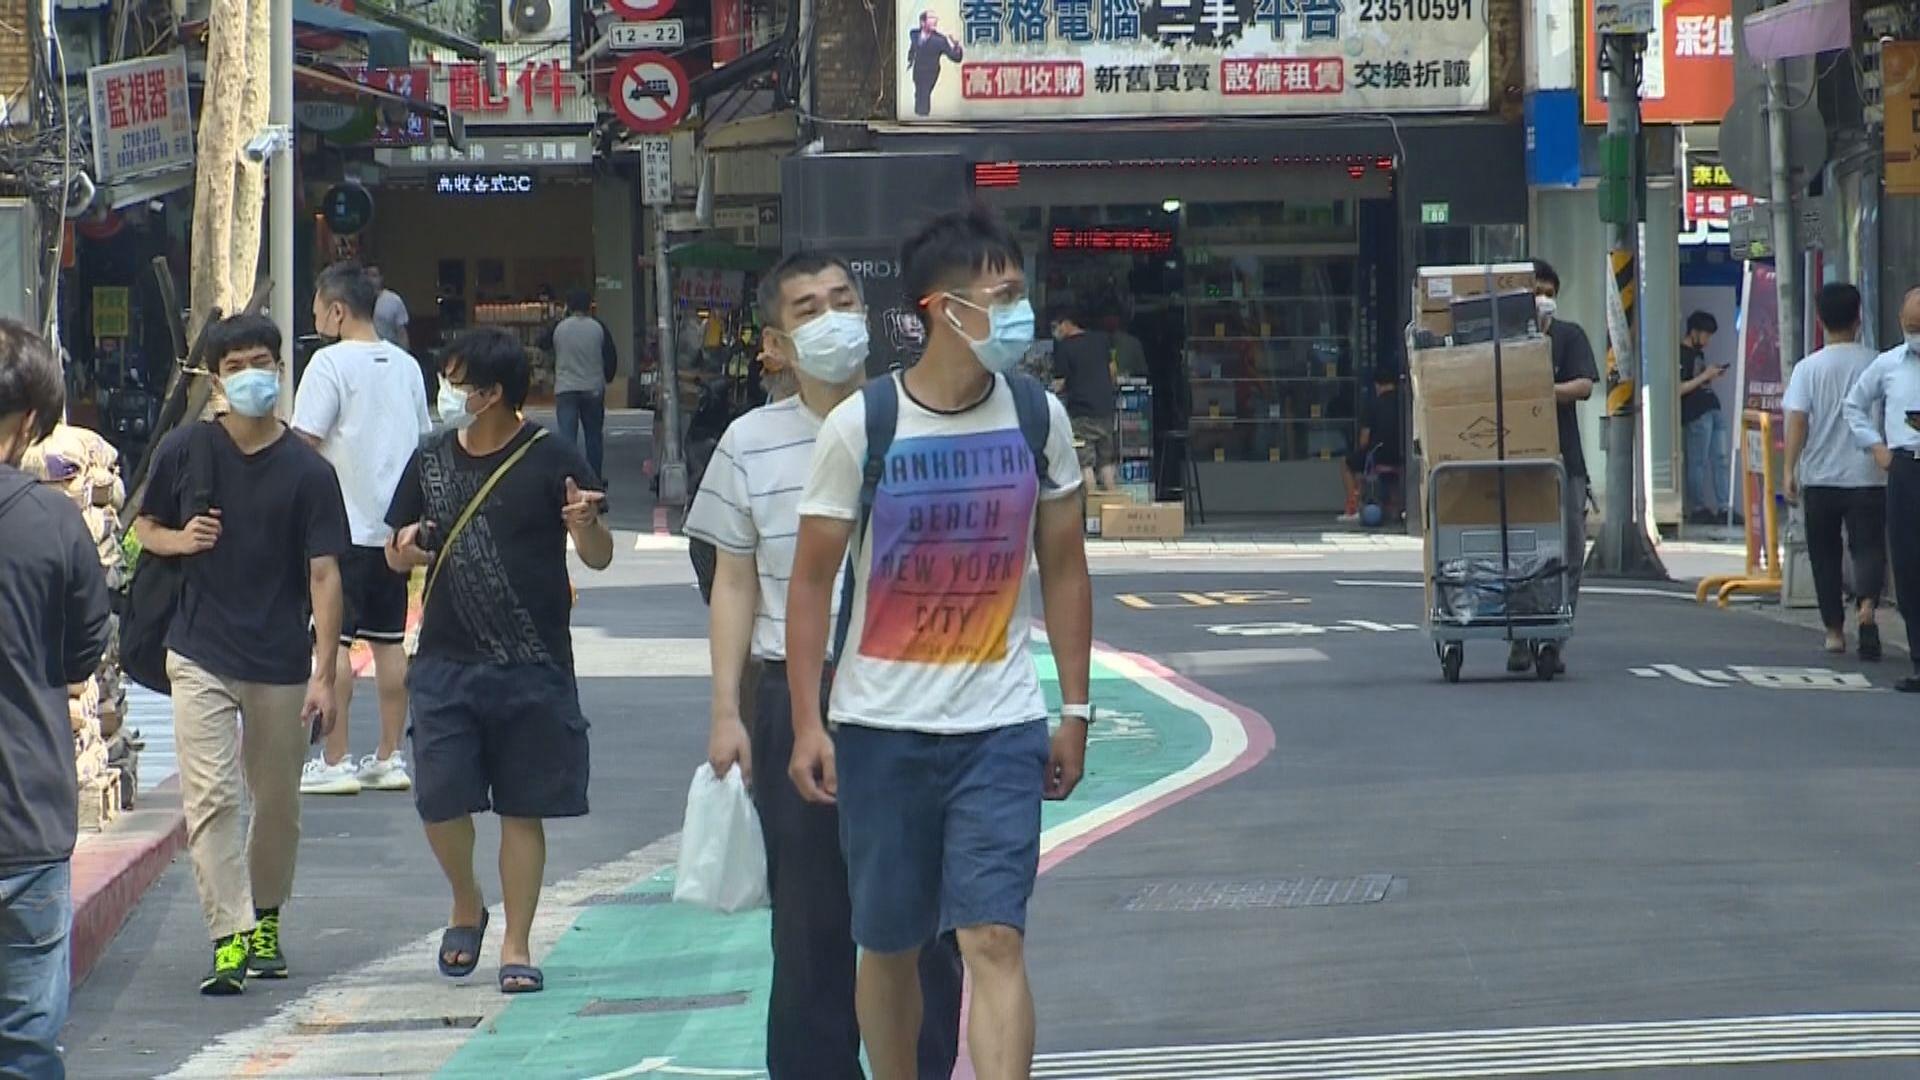 台灣疫情轉趨穩定 下周下調防疫警戒級別至二級